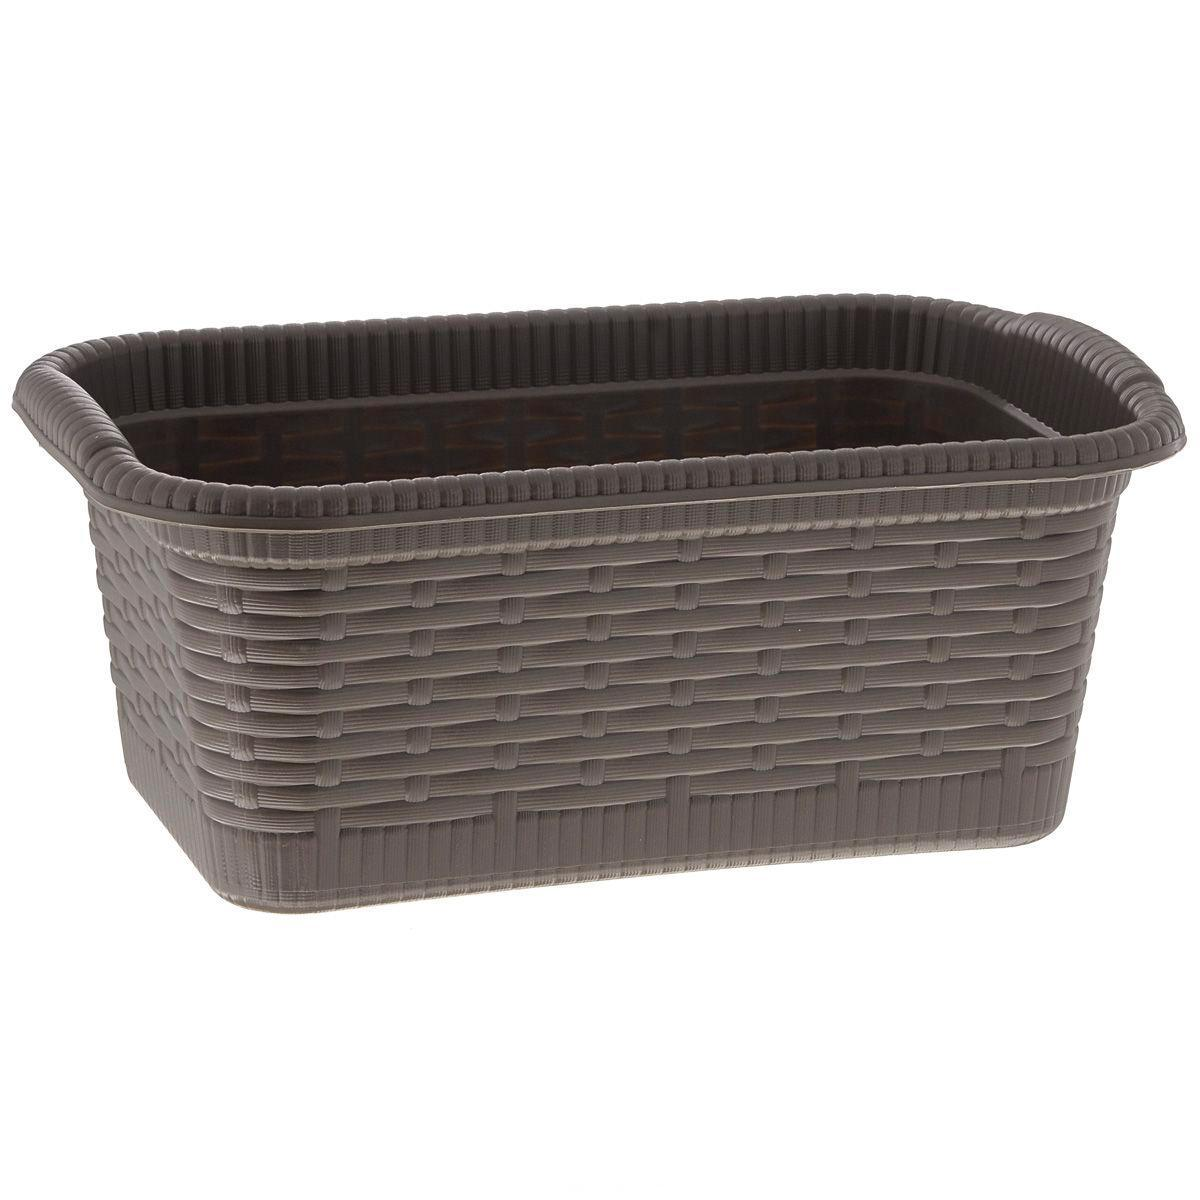 Корзина Gensini Rattan, цвет: коричневый, 3 лБрелок для ключейКорзина Gensini Rattan, изготовленная из прочного пластика, предназначена для хранения мелочей в ванной, на кухне, даче или гараже. Легкая корзина со сплошным дном позволяет хранить мелкие вещи, исключая возможность их потери.